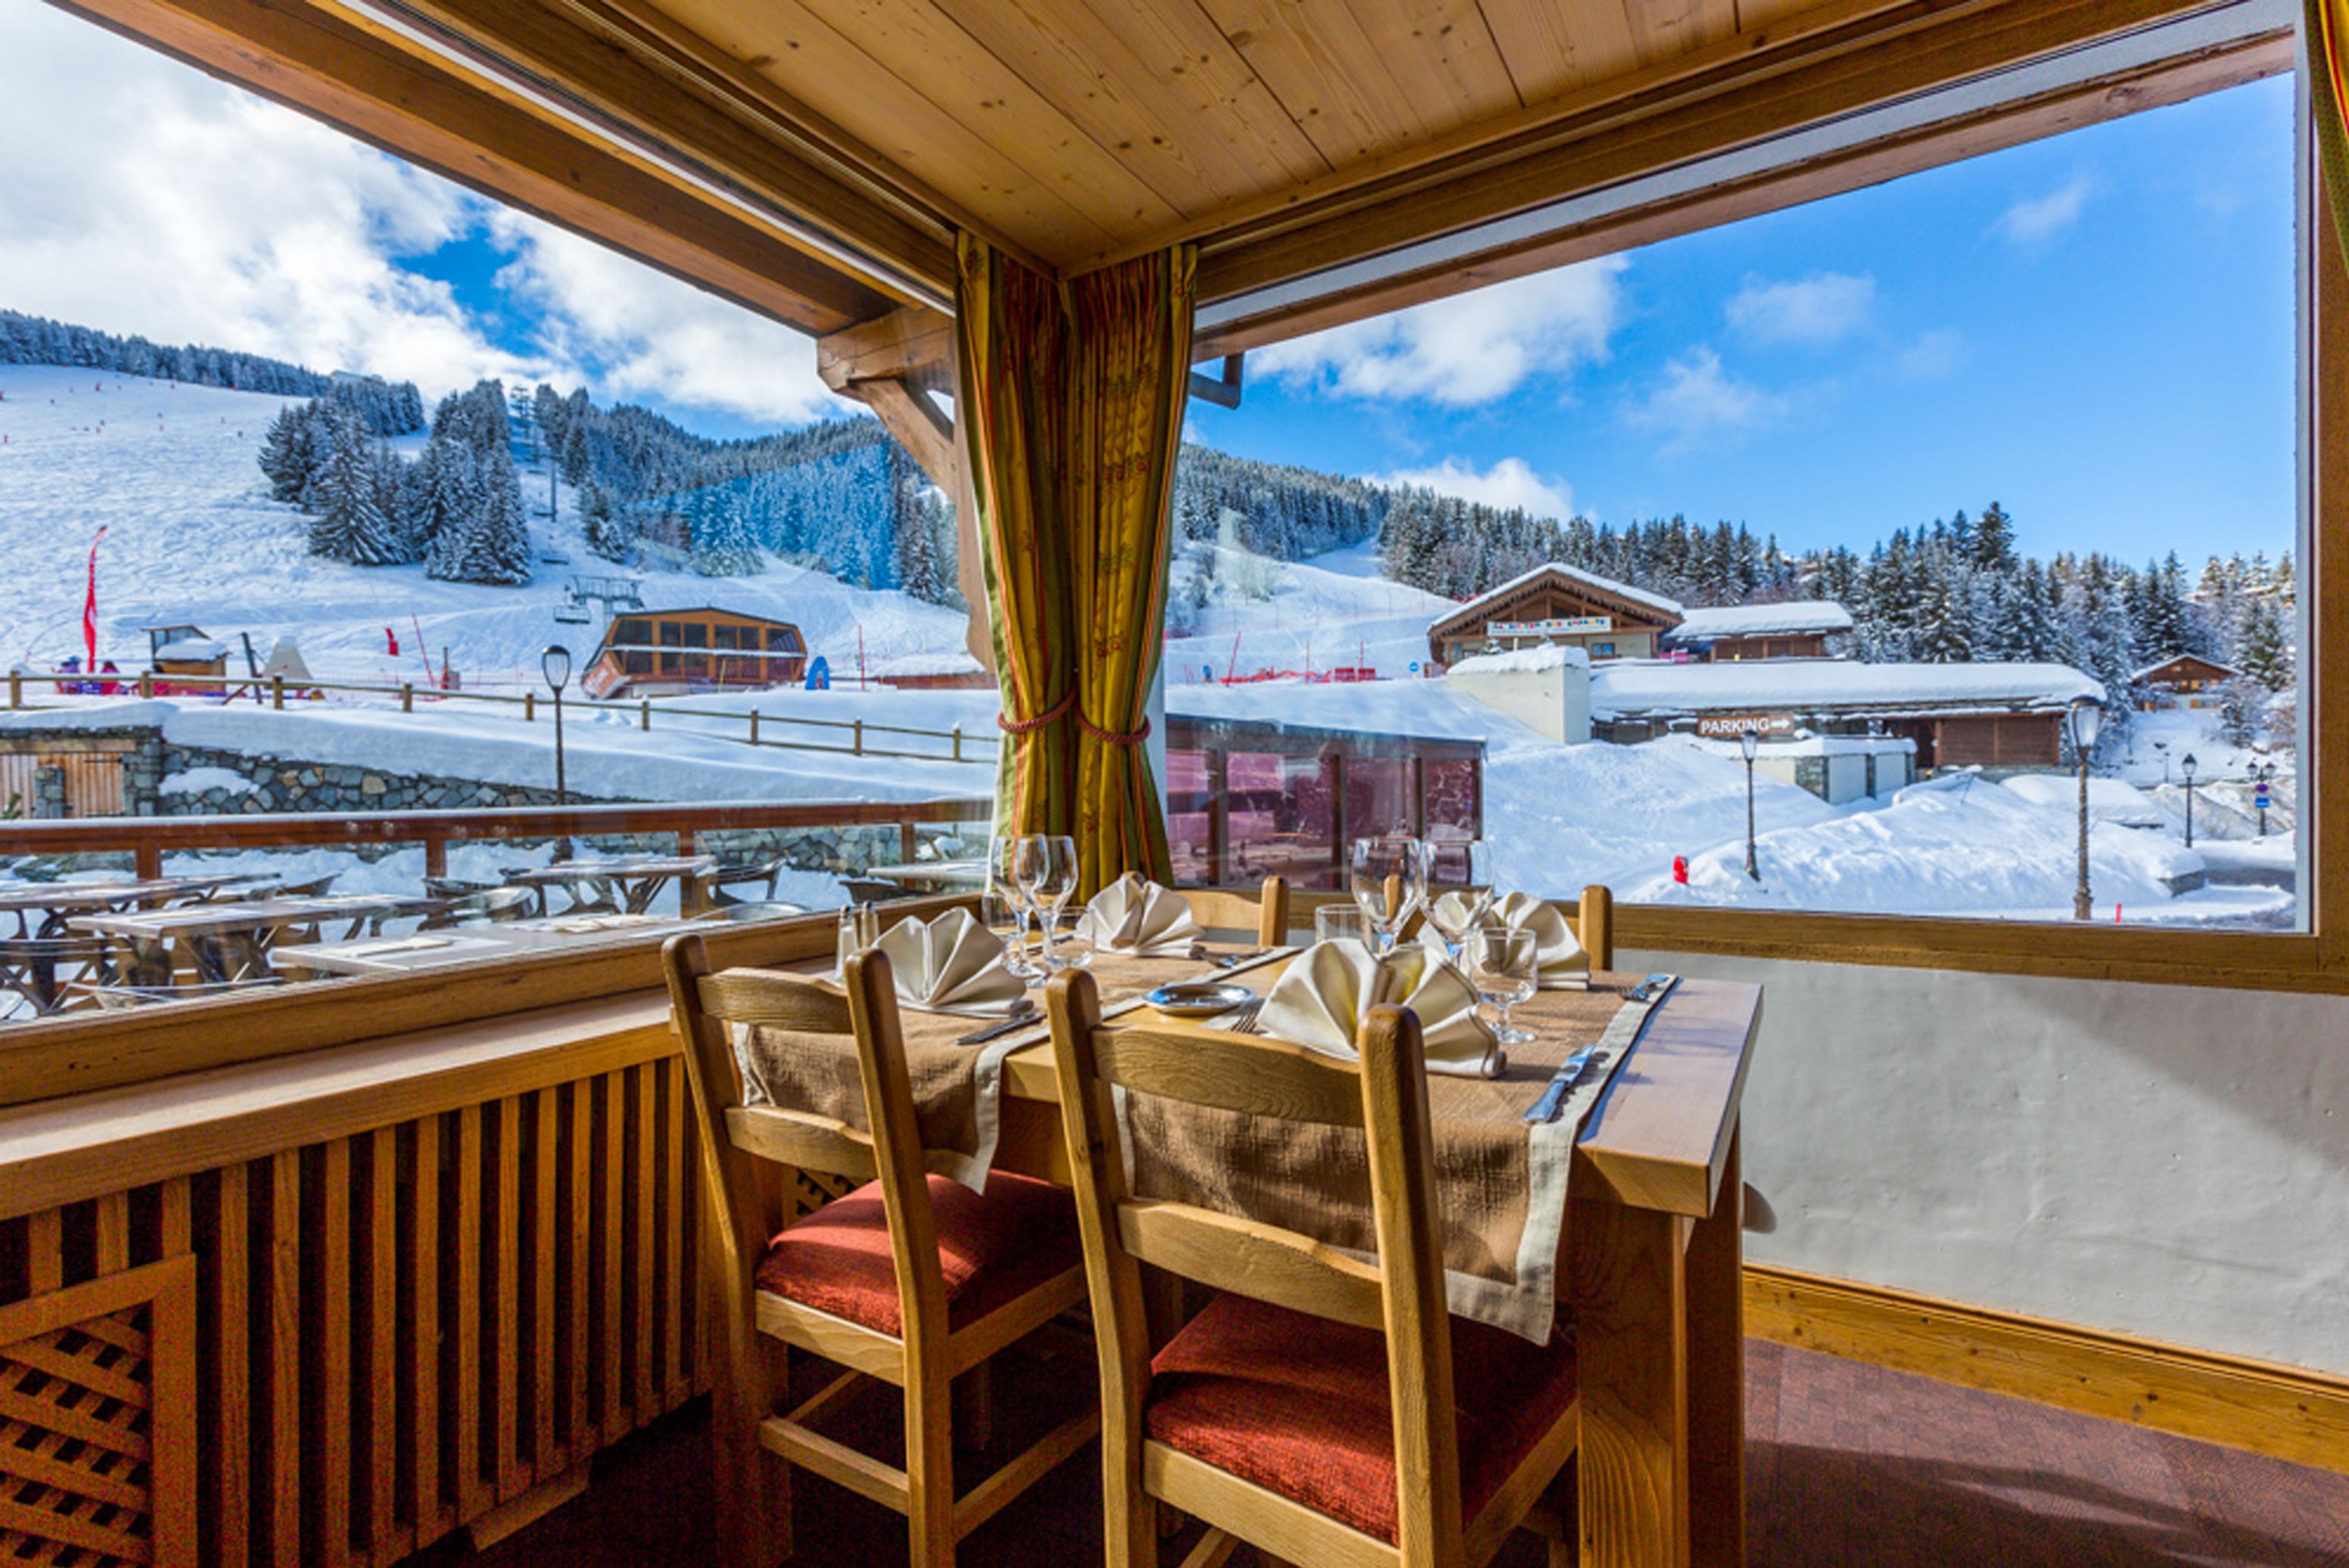 hotel-les-flocons-courchevel-ski-savoie-france-la-table-des-flocons-1